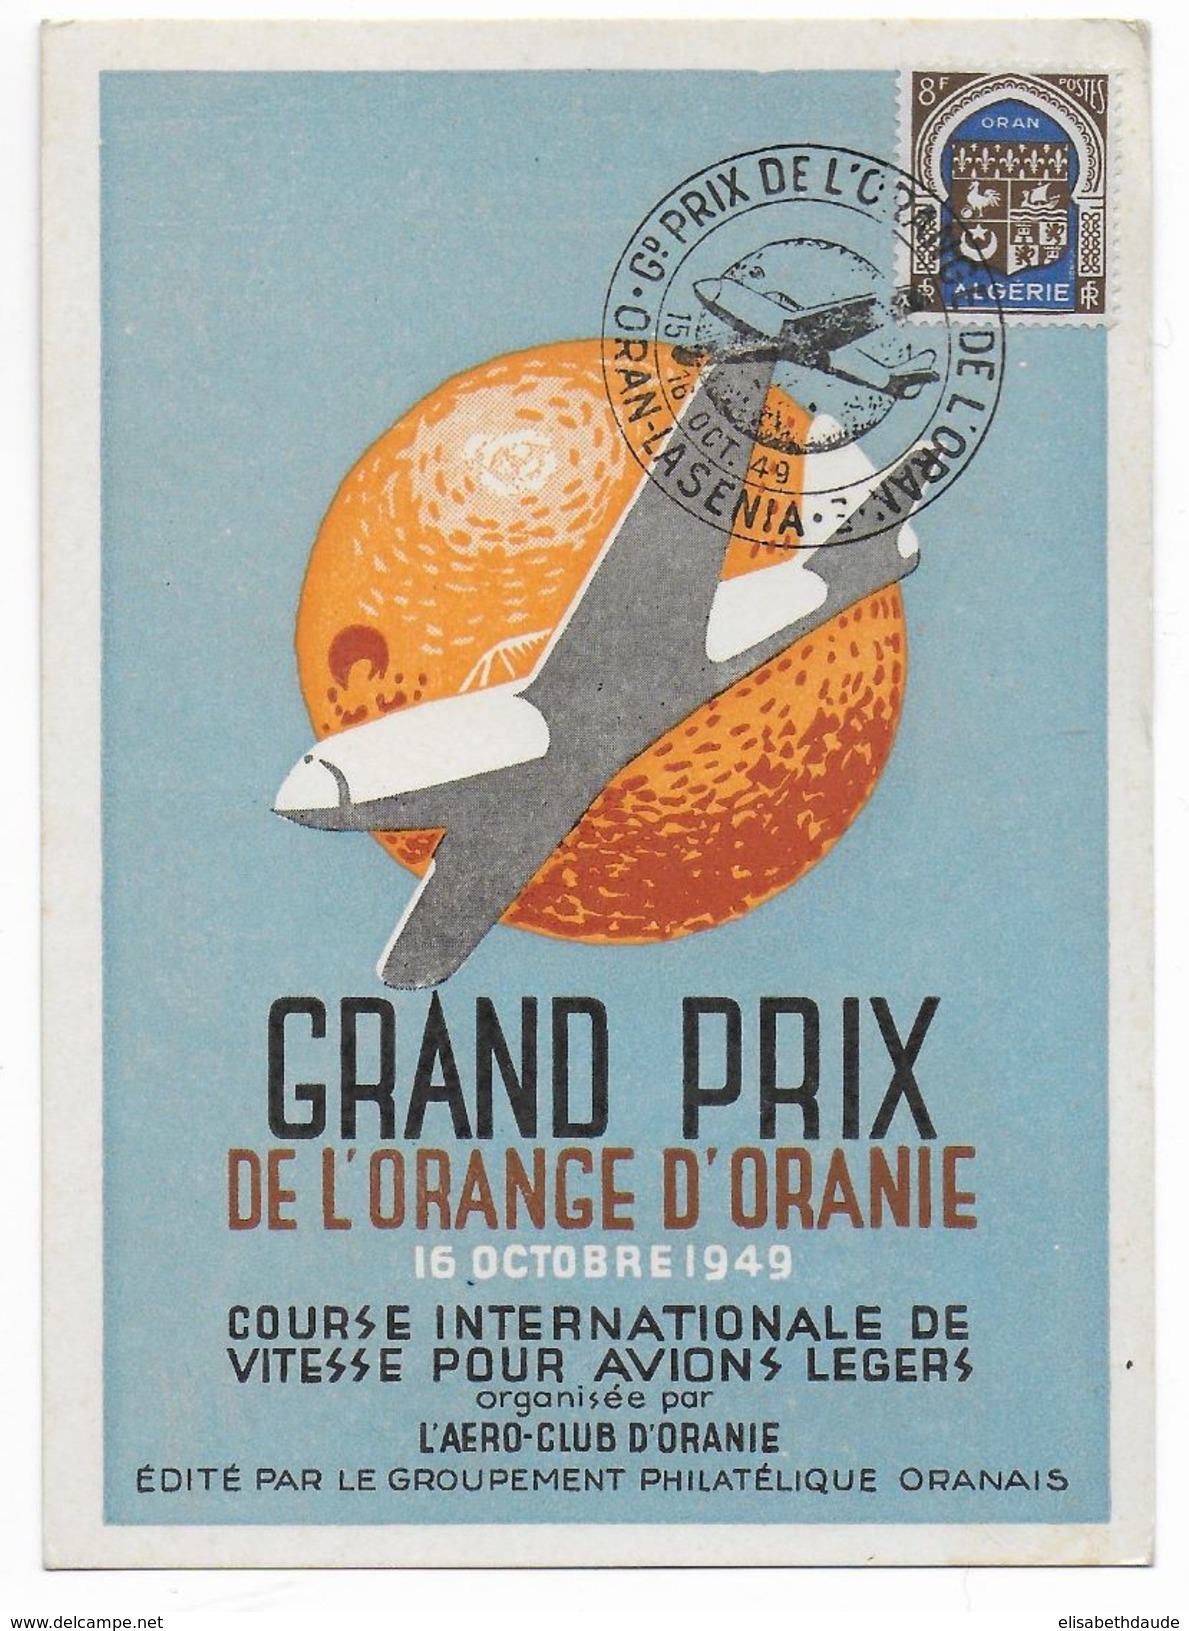 1949 - ALGERIE - CARTE POSTALE Du GRAND PRIX D'AVIATION De L'ORANGE à ORAN Avec OBLITERATION TEMPORAIRE ILLUSTREE - Lettres & Documents